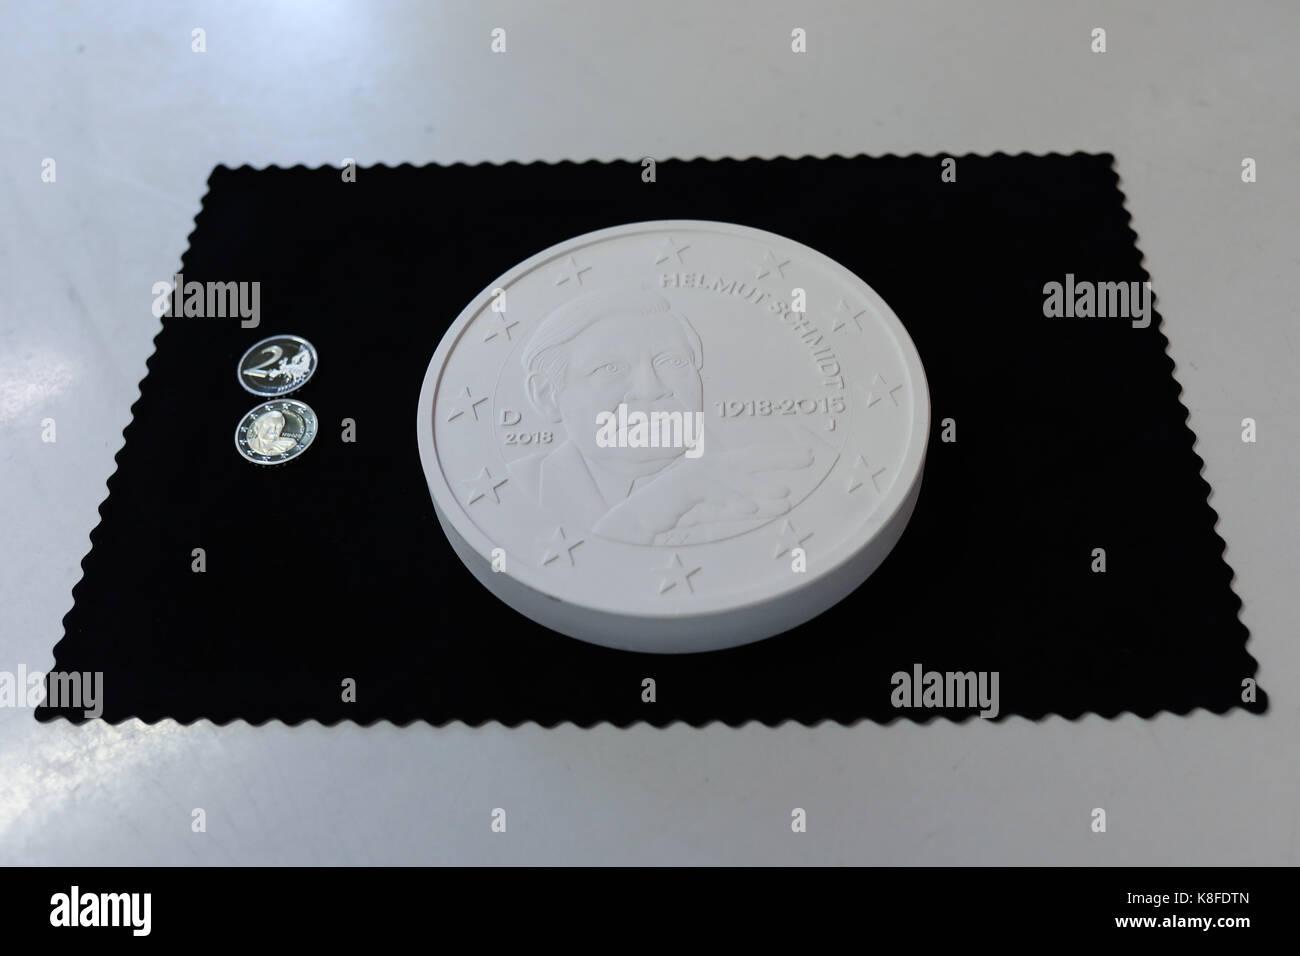 Zwei Minted 2 Euro Münzen Mit Dem Bildnis Des Ehemaligen Deutschen